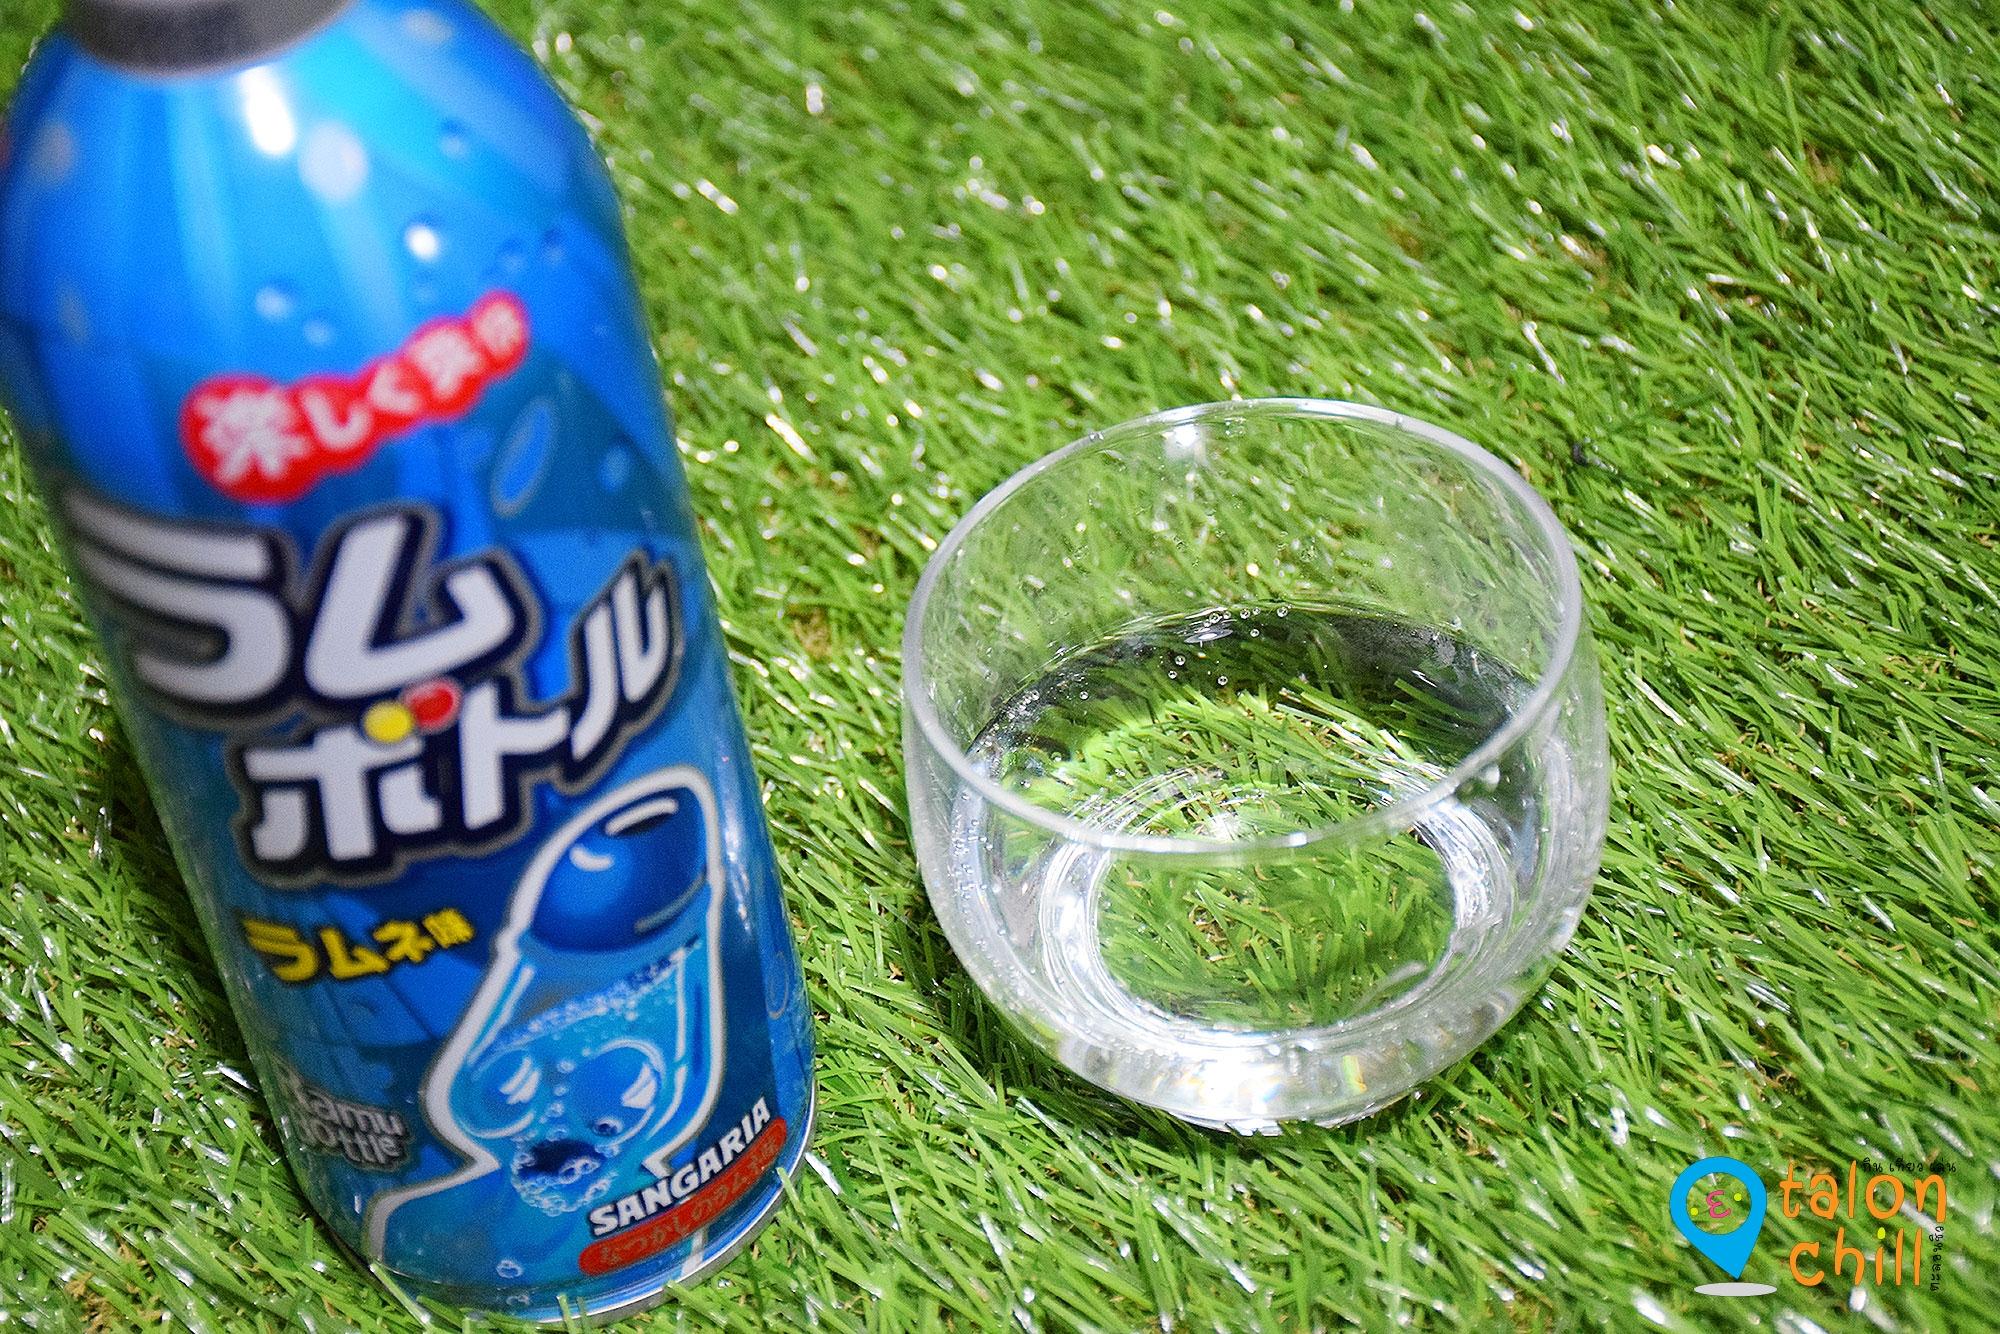 [หนูทดลอง] เครื่องดื่มผสมโซดา รสองุ่นและออริจินอลนำเข้าจากประเทศญี่ปุ่น (Sangaria Ramu Bottle)